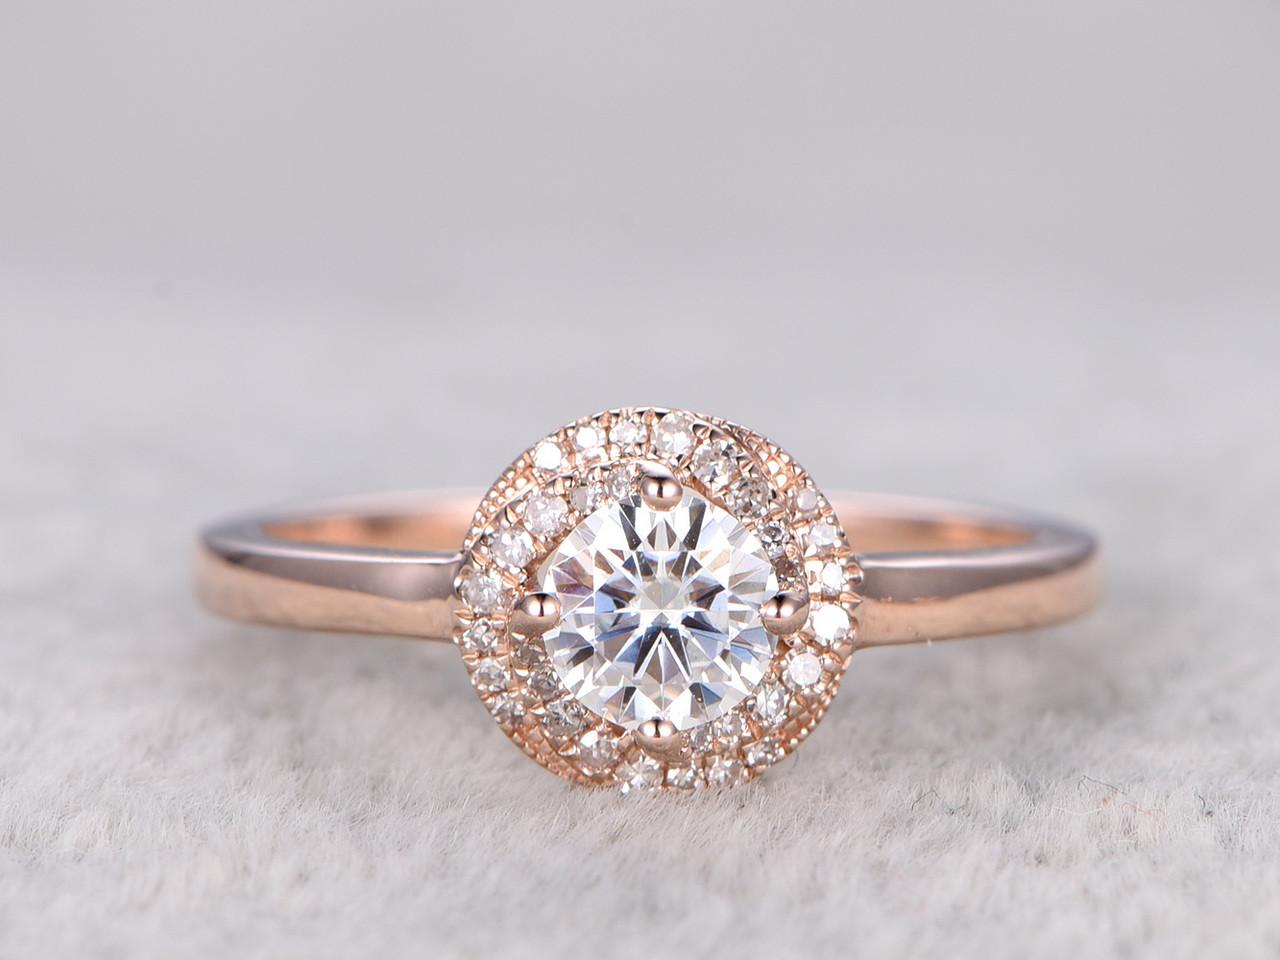 Moissanite Diamond Engagement Rings Rose Gold 14k 18k 0 5 Carat Stone Halo Flower Stacking Promise Ring